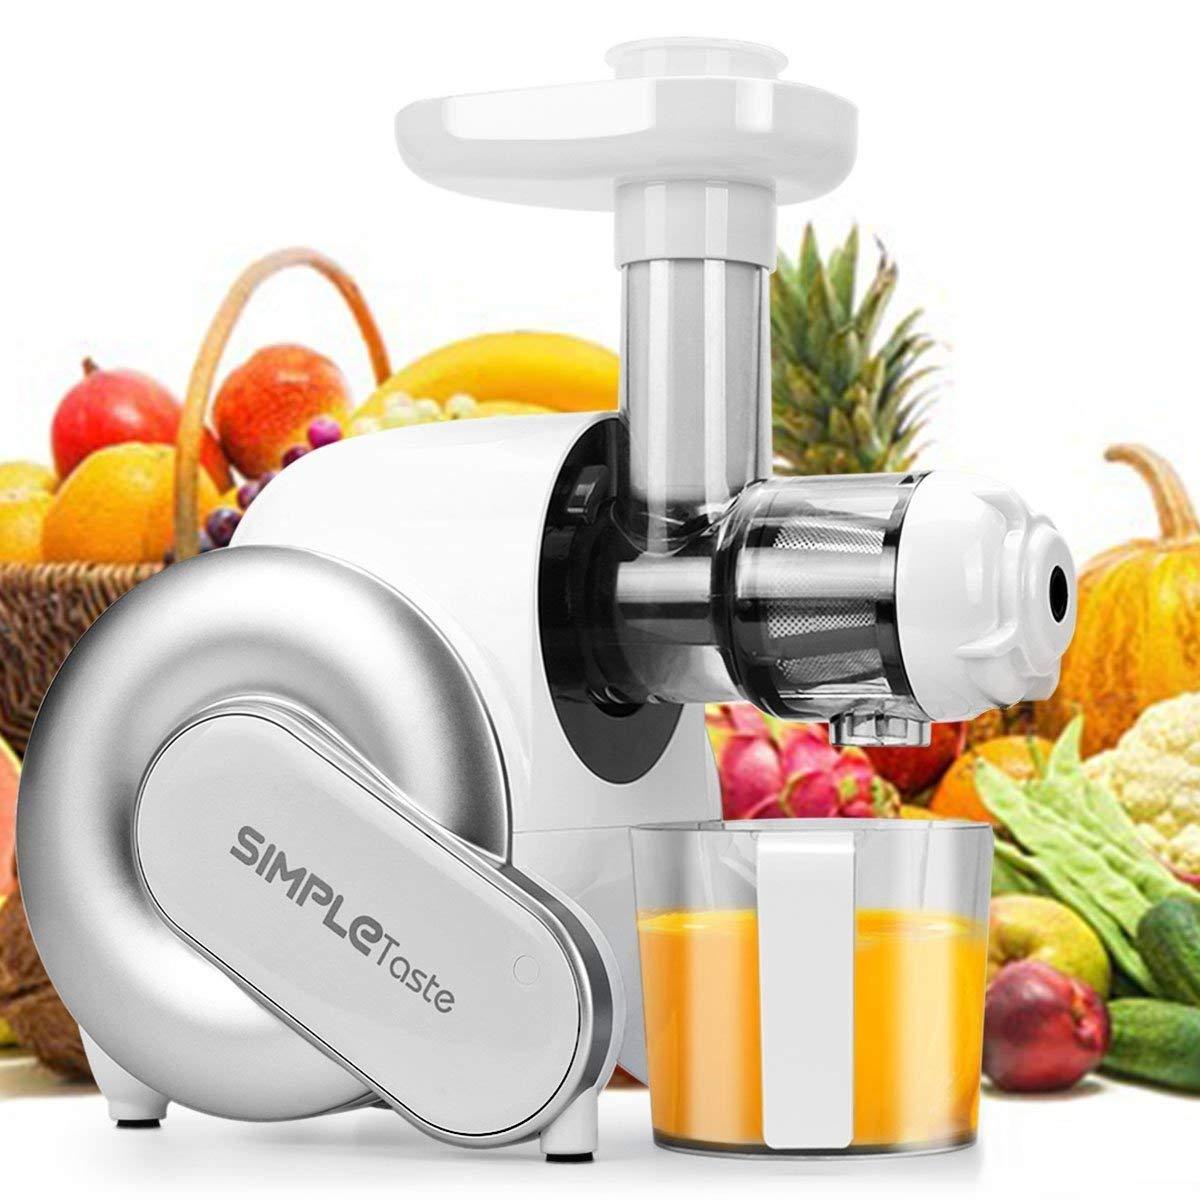 SimpleTaste Licuadoras Para Verduras y Frutas,Licuadora de Prensado en Frío con Función inversa,